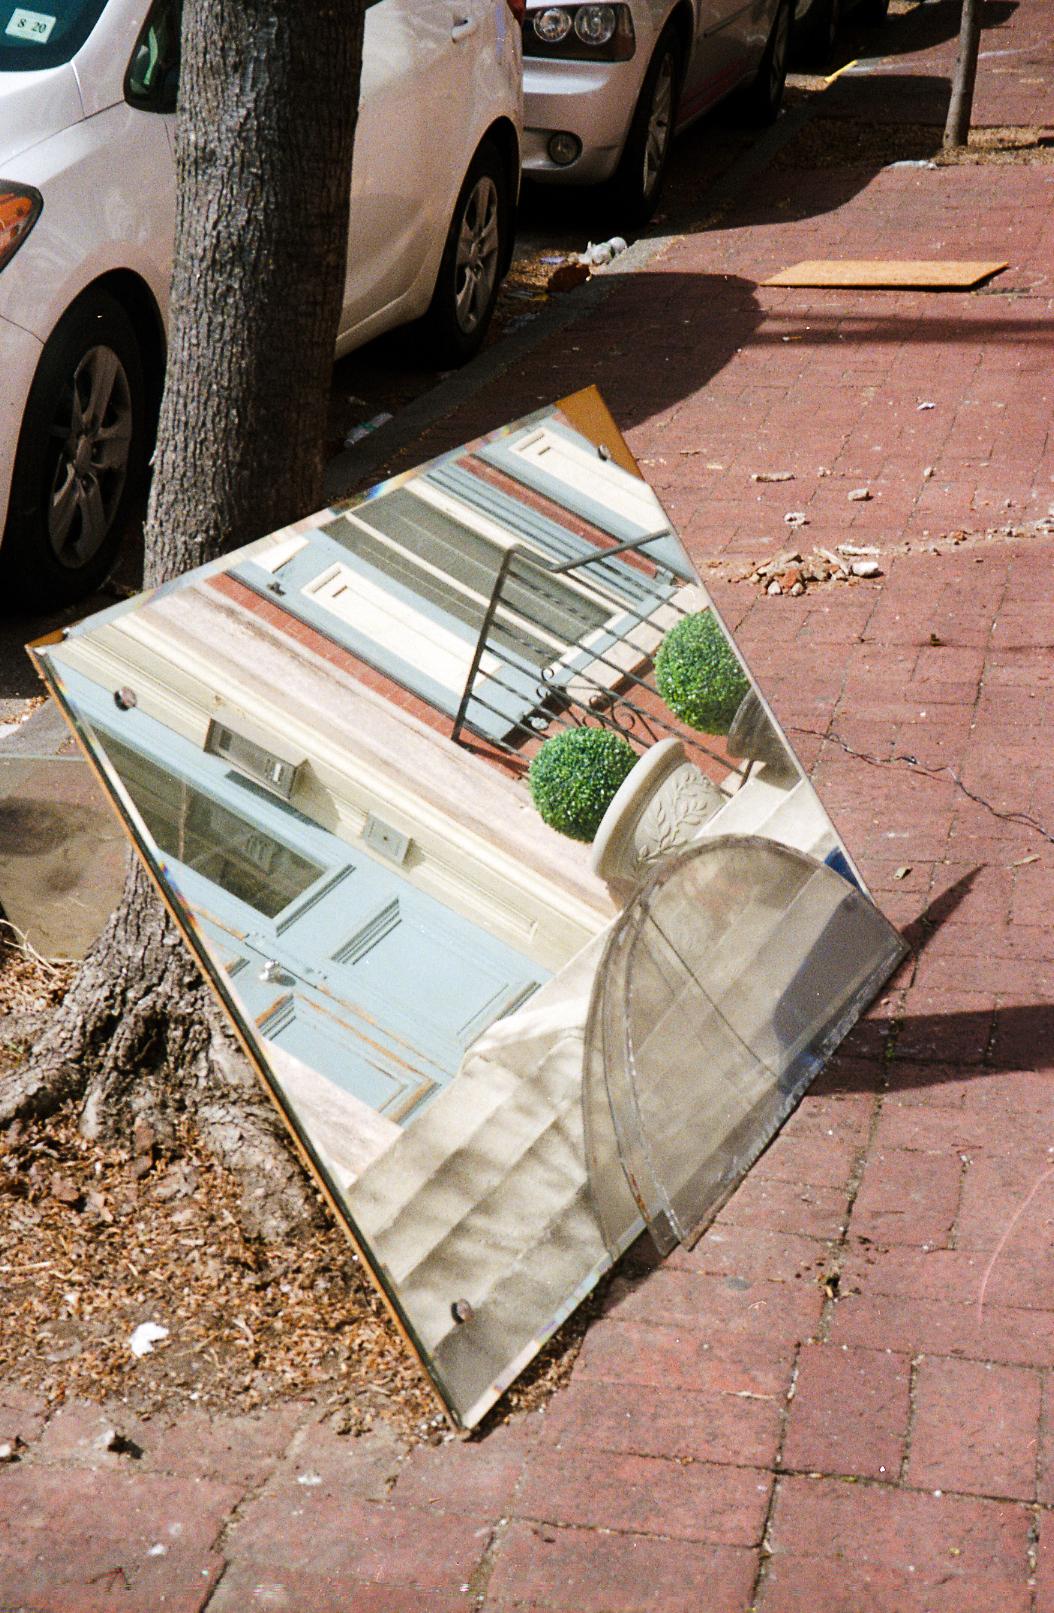 Mirrored sidewalk